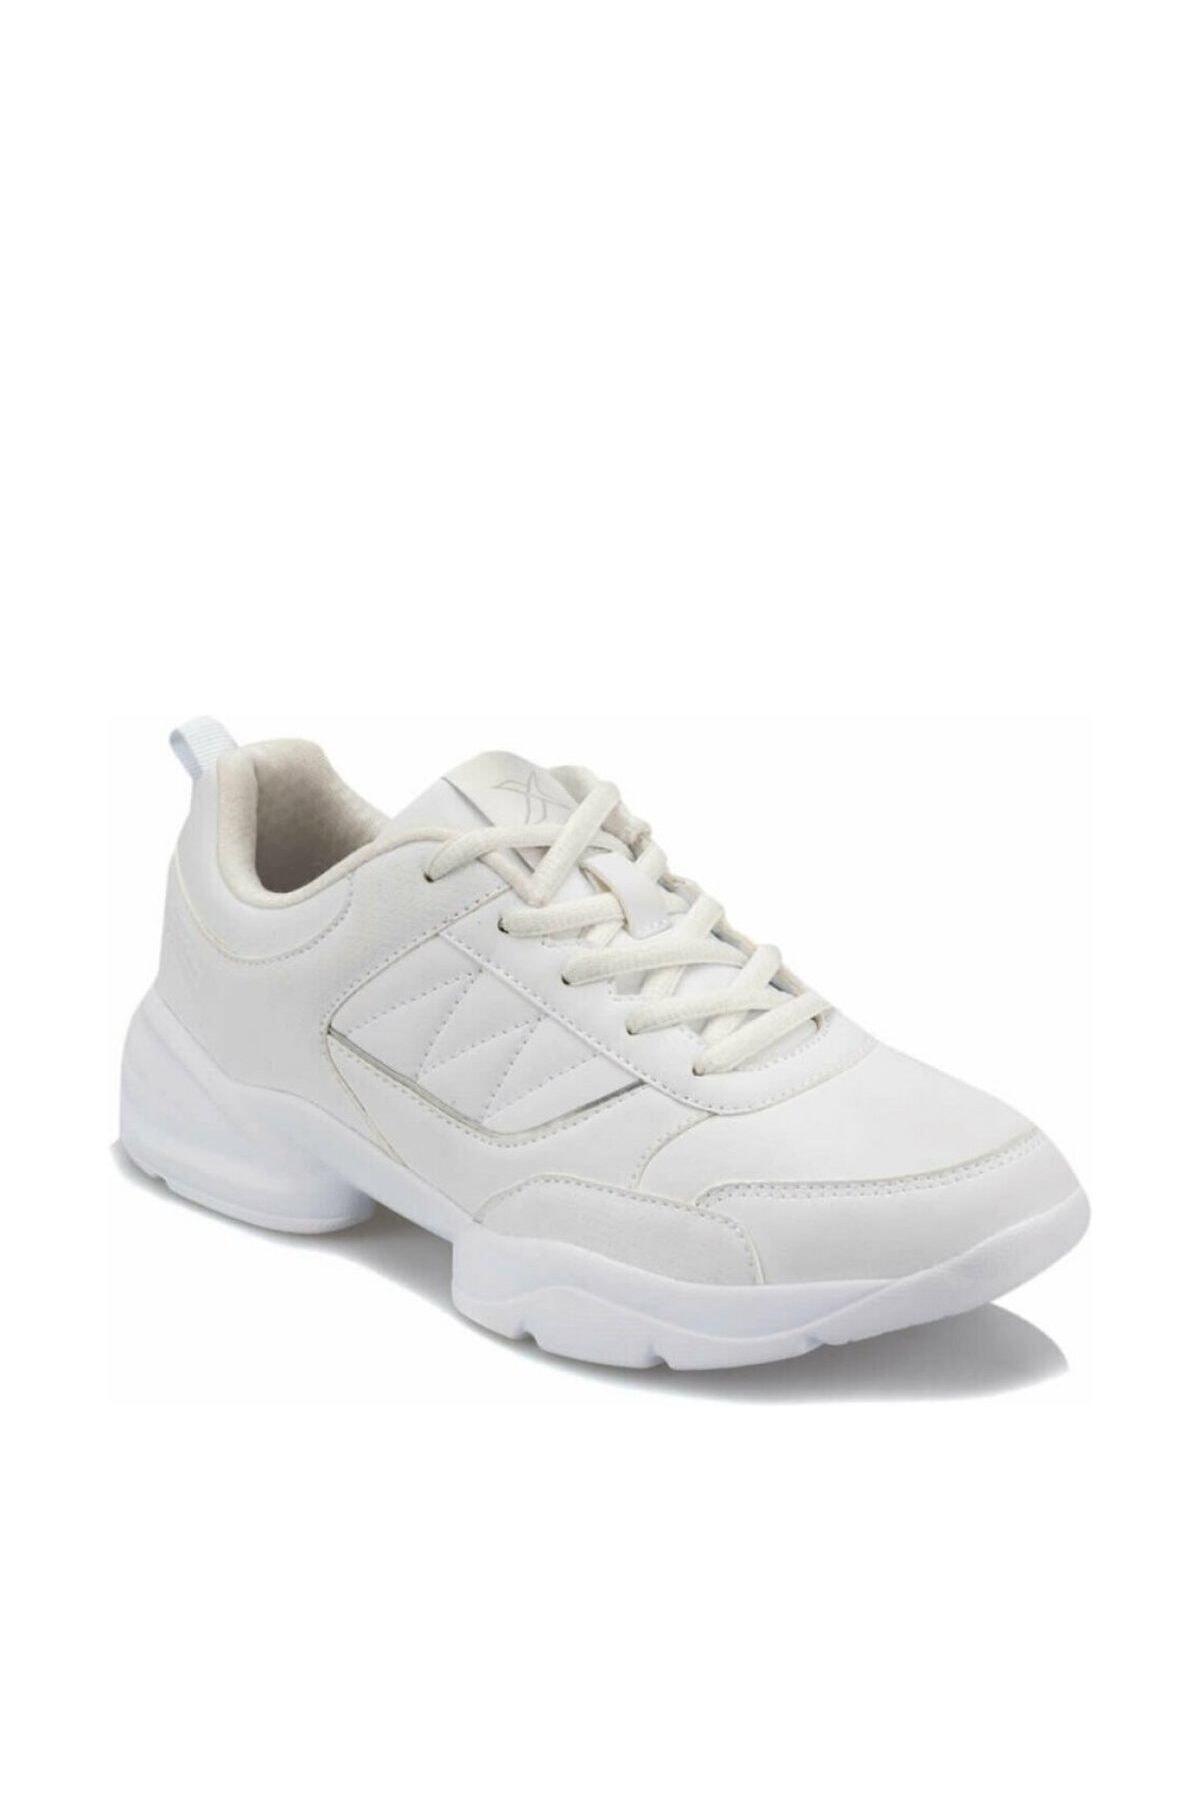 Kinetix PERLA W 9PR Beyaz Kadın Kalın Taban Sneaker Spor Ayakkabı 100426870 1